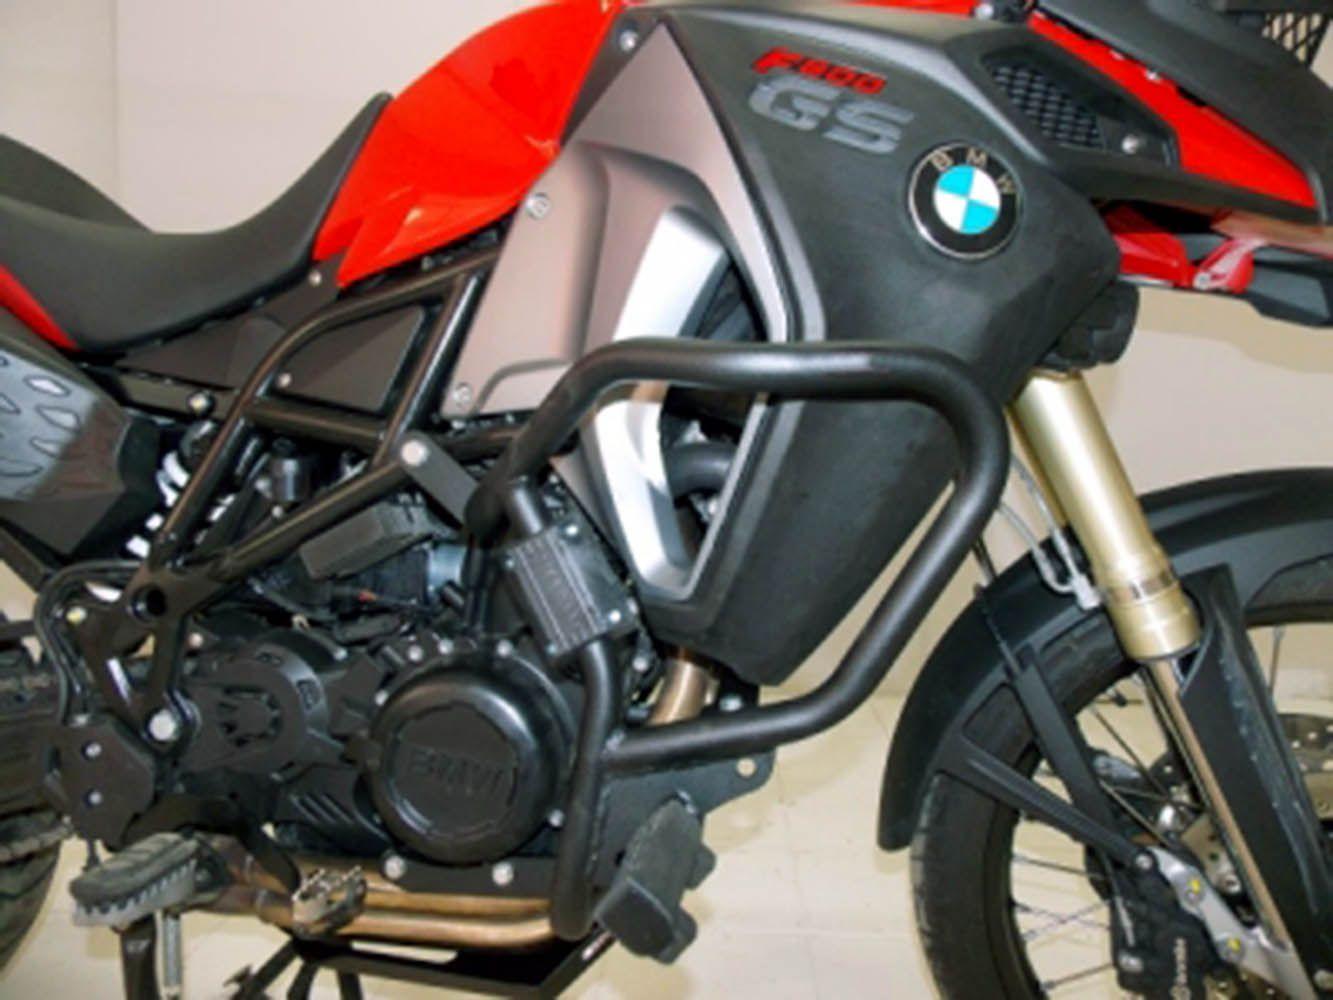 Protetor Motor Carenagem Bmw F 800 Gs Adventure Chapam 9239